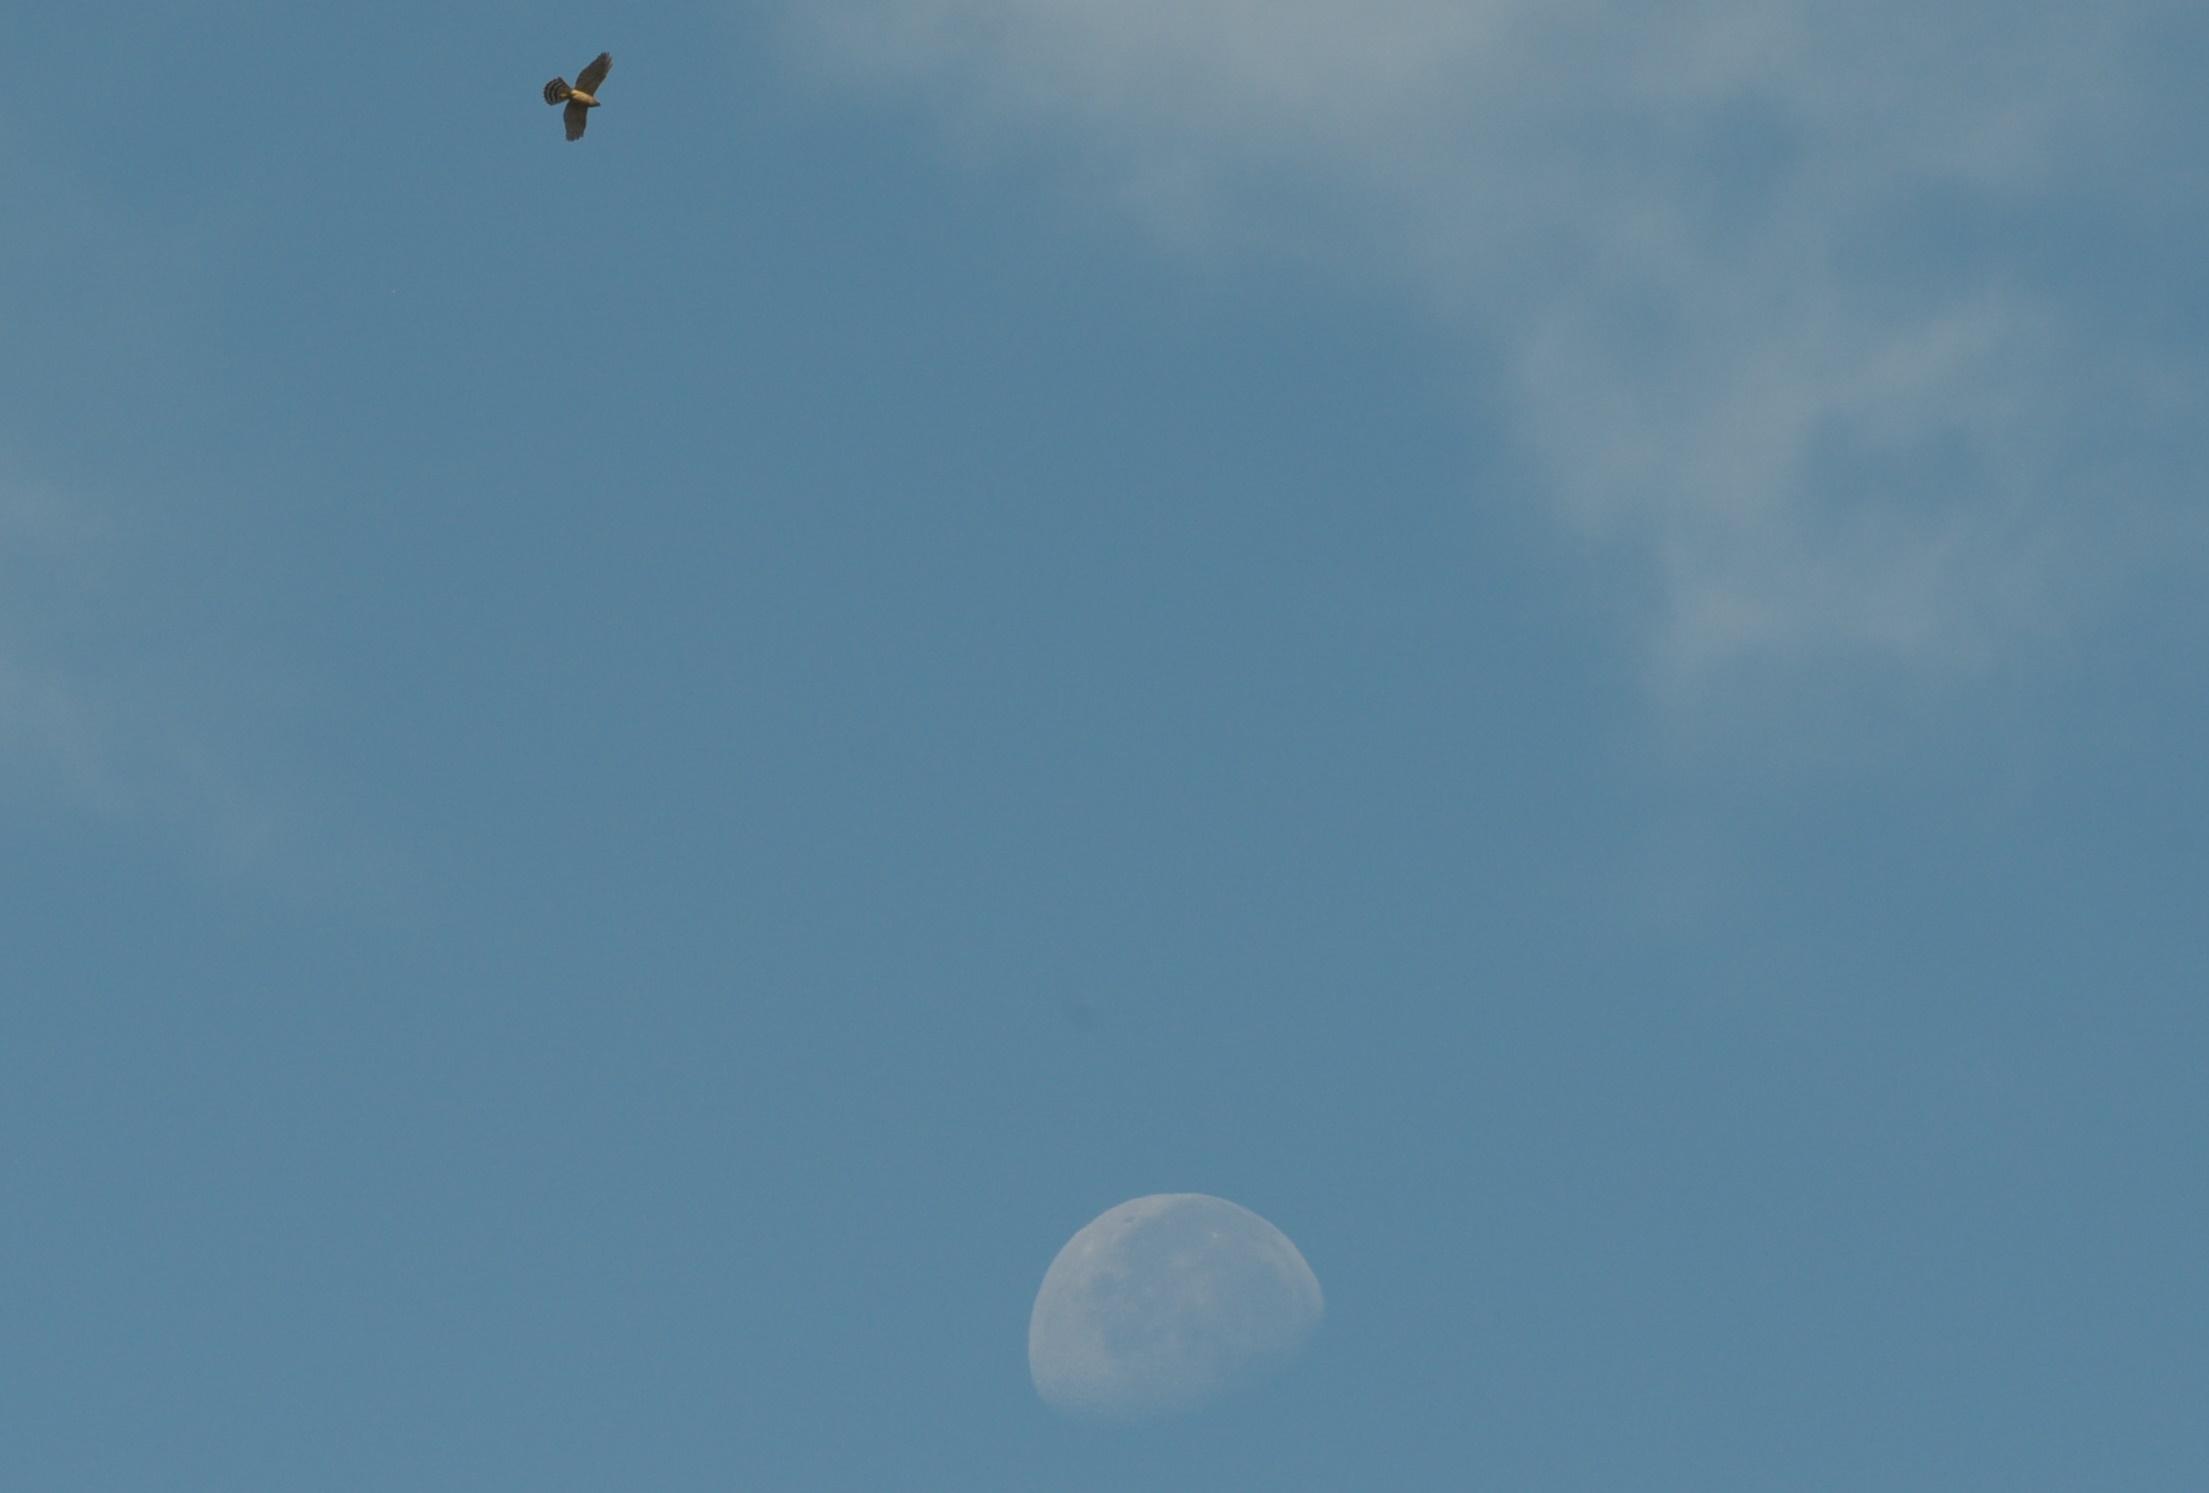 2011-09-18_0461.jpg